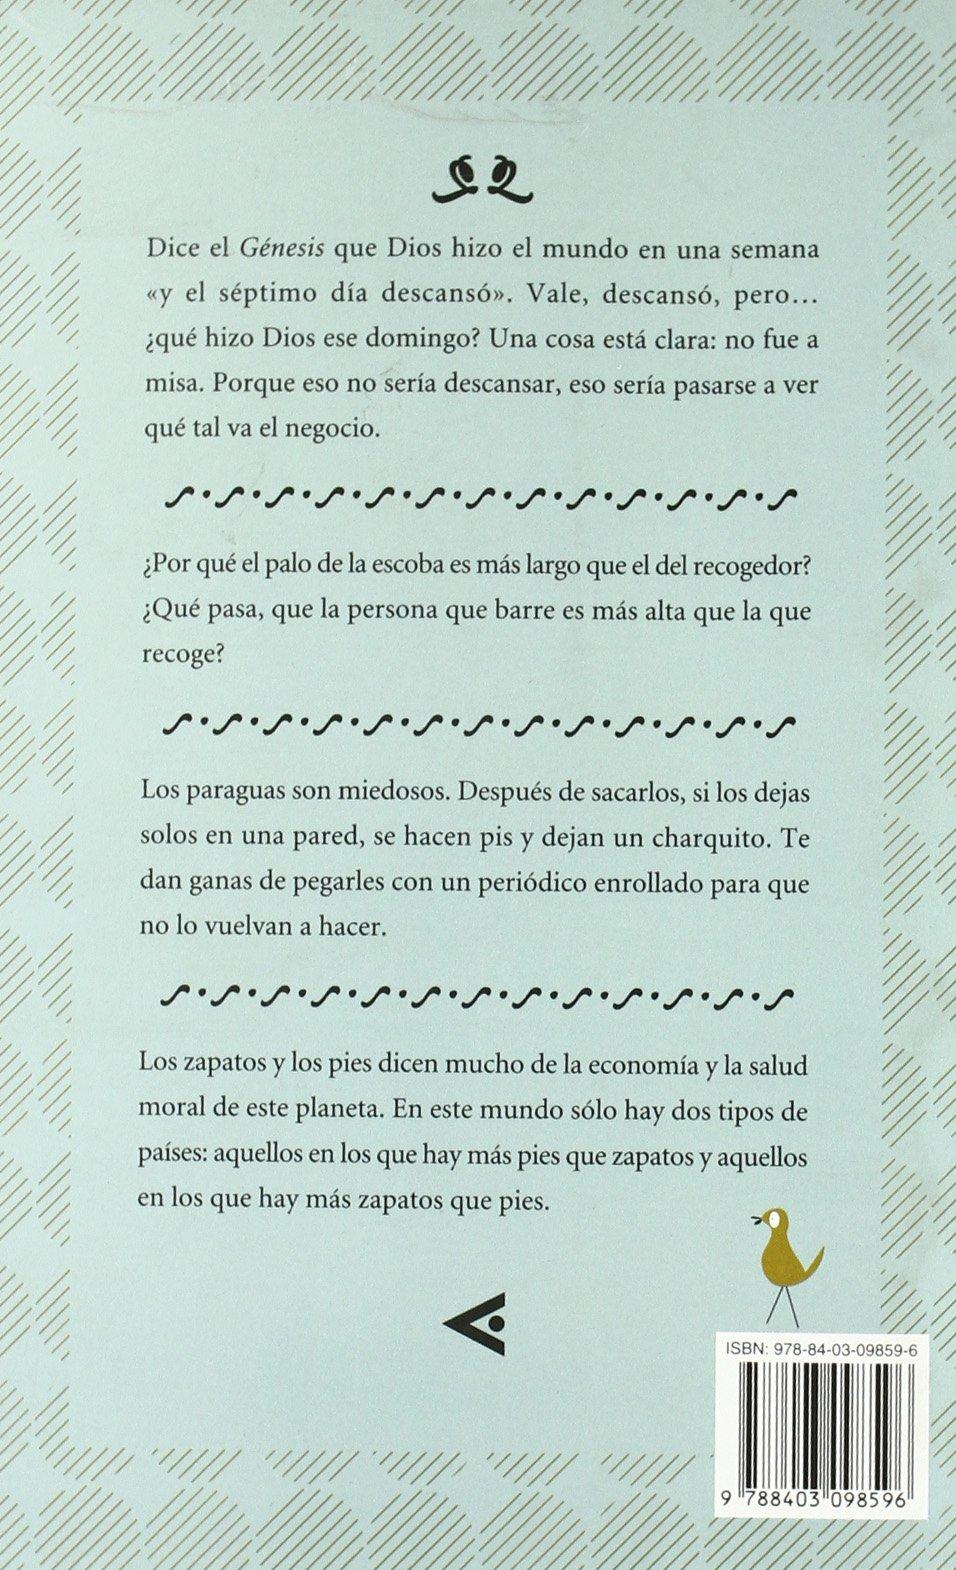 Dios hizo el mundo en siete dÃas... y se nota: Luis Piedrahita Cuesta: 9788403098596: Amazon.com: Books